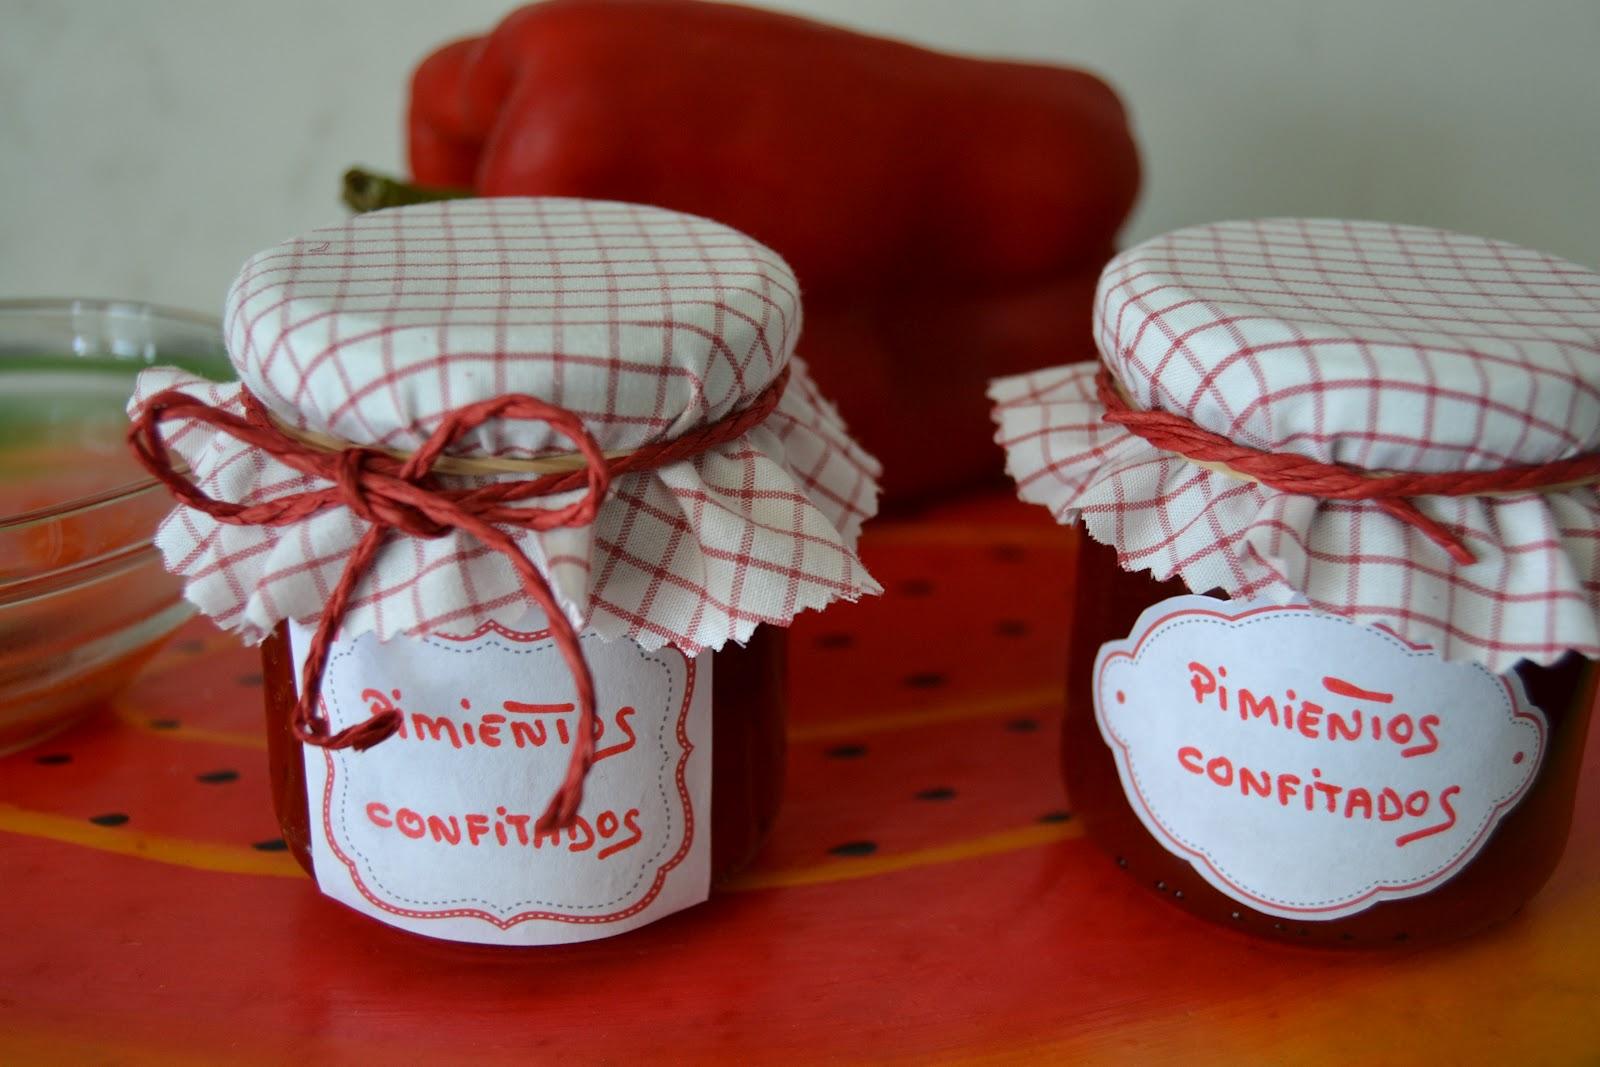 Cocina golosona mermelada de pimientos rojos confitados - Mermelada de pimientos rojos ...